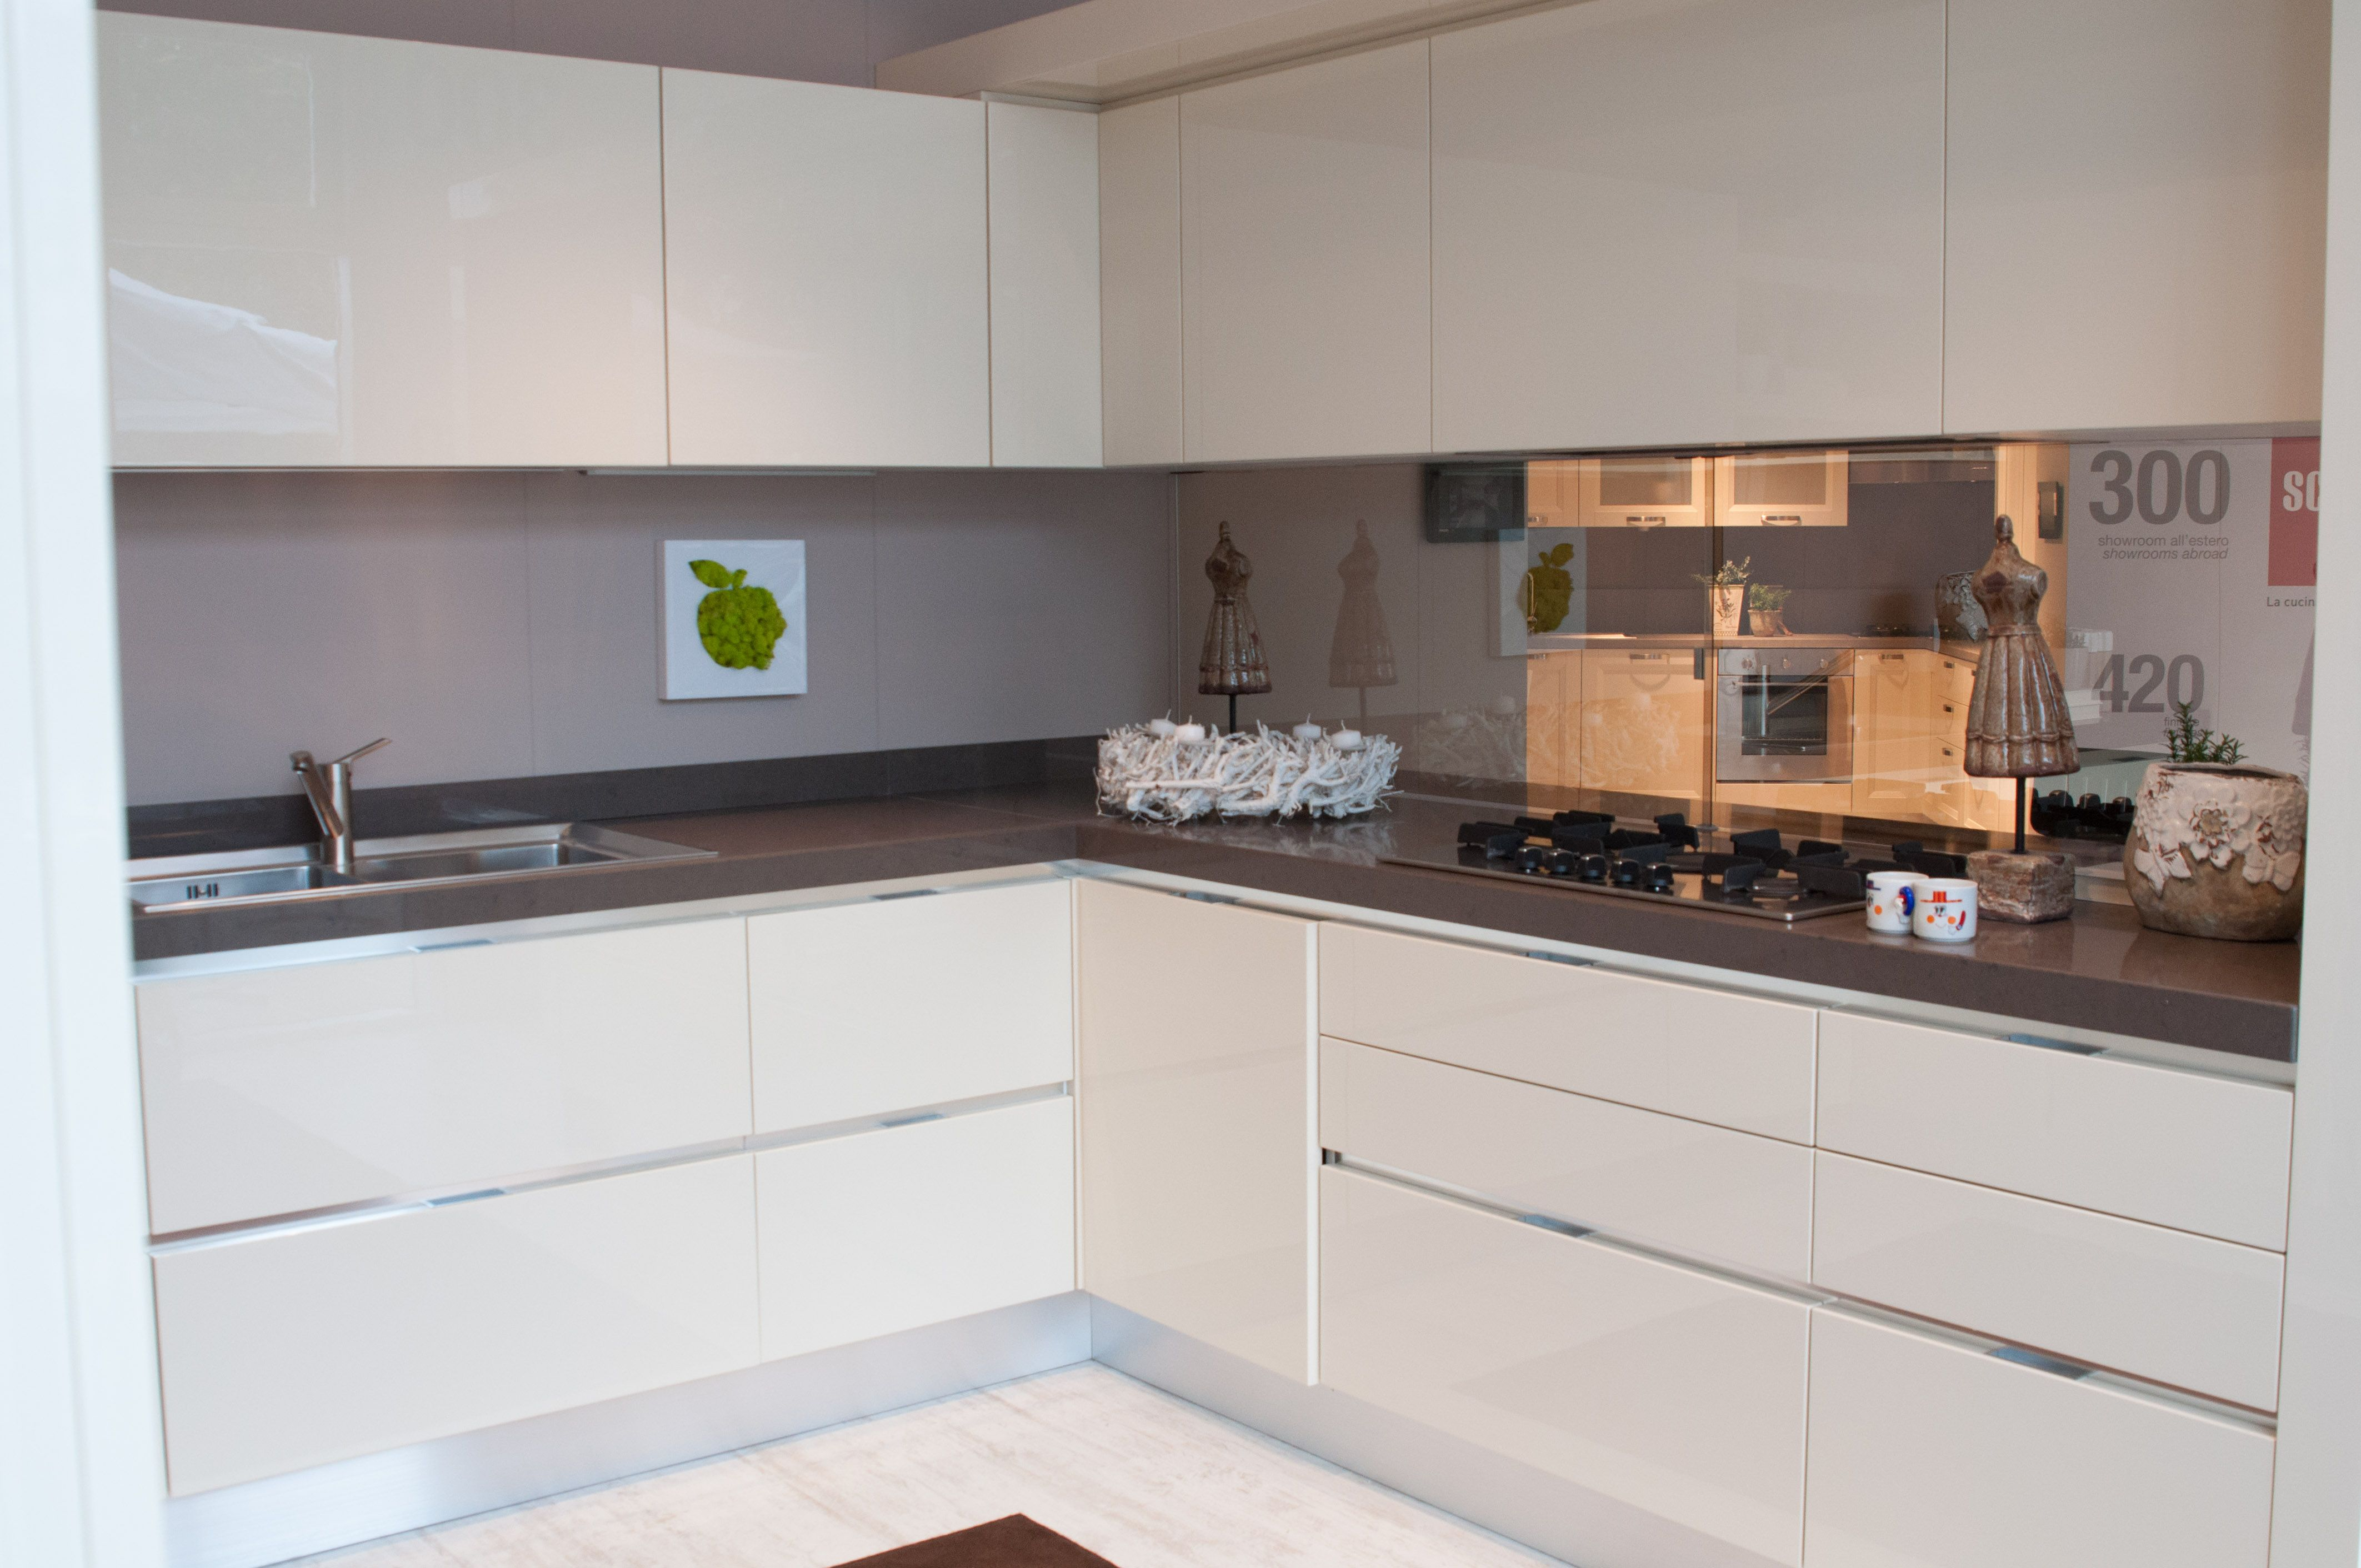 Cucina moderna Scavolini - composizione ad angolo bianca | Ideas ...